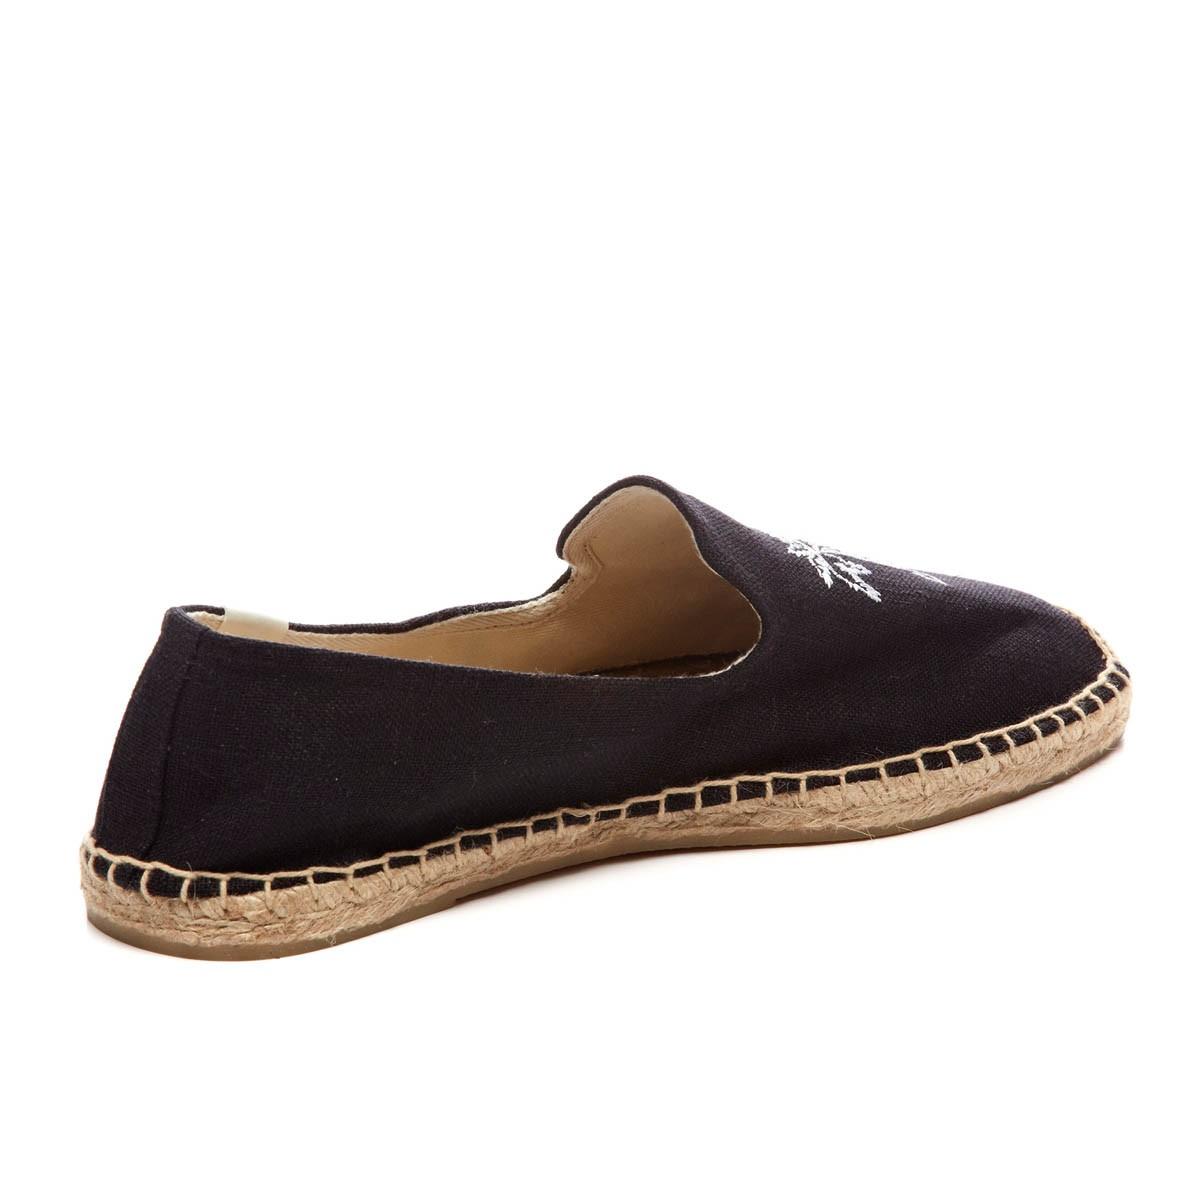 Soludos Mens Shoes